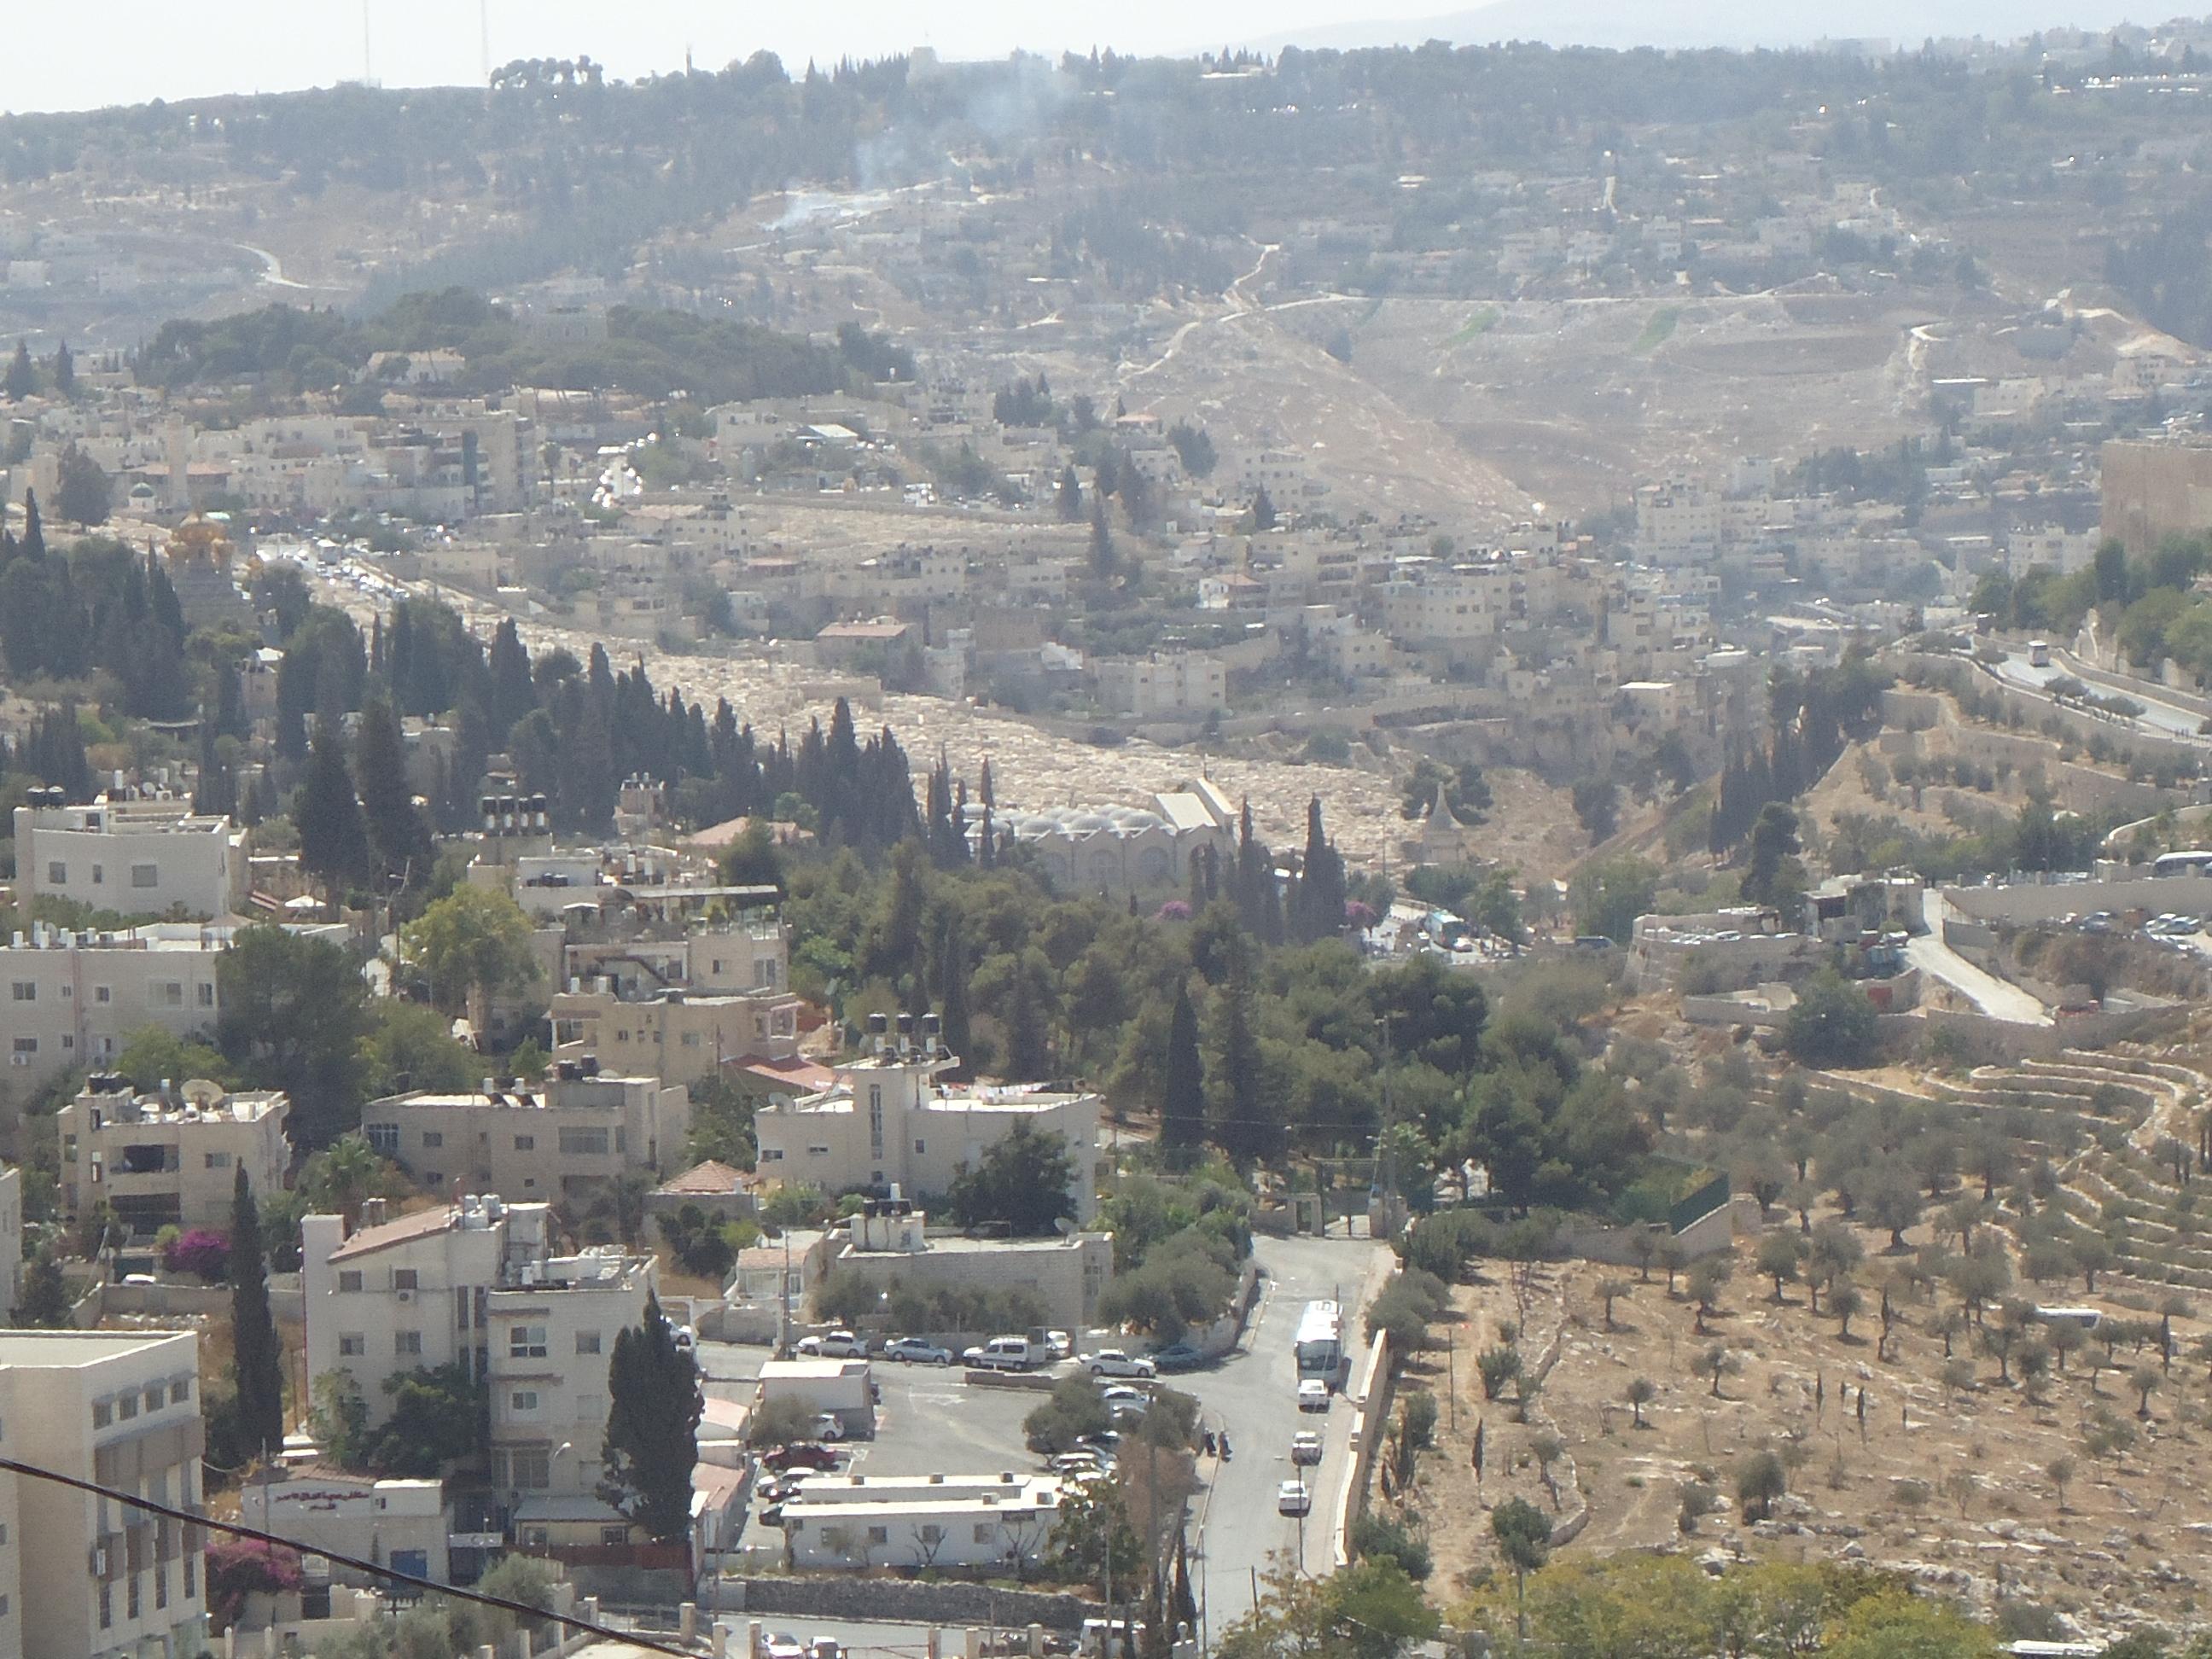 Mt. Scopus W Garden of Gethsemane